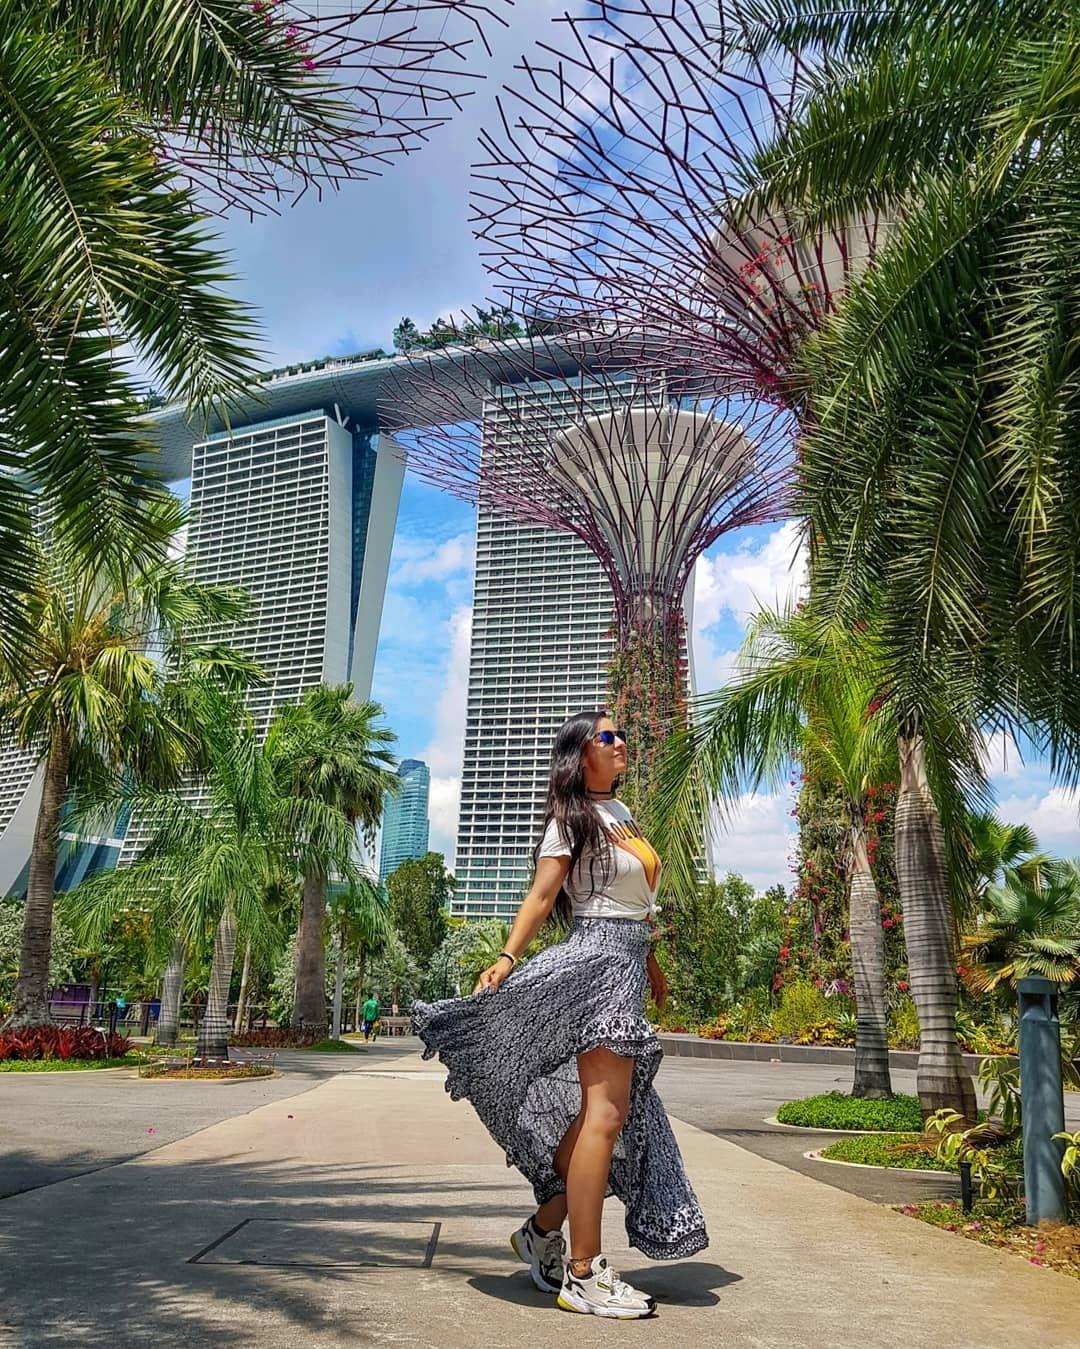 Gardens by the bay Singapur🌳🌵🌾🌿 singapur singapure